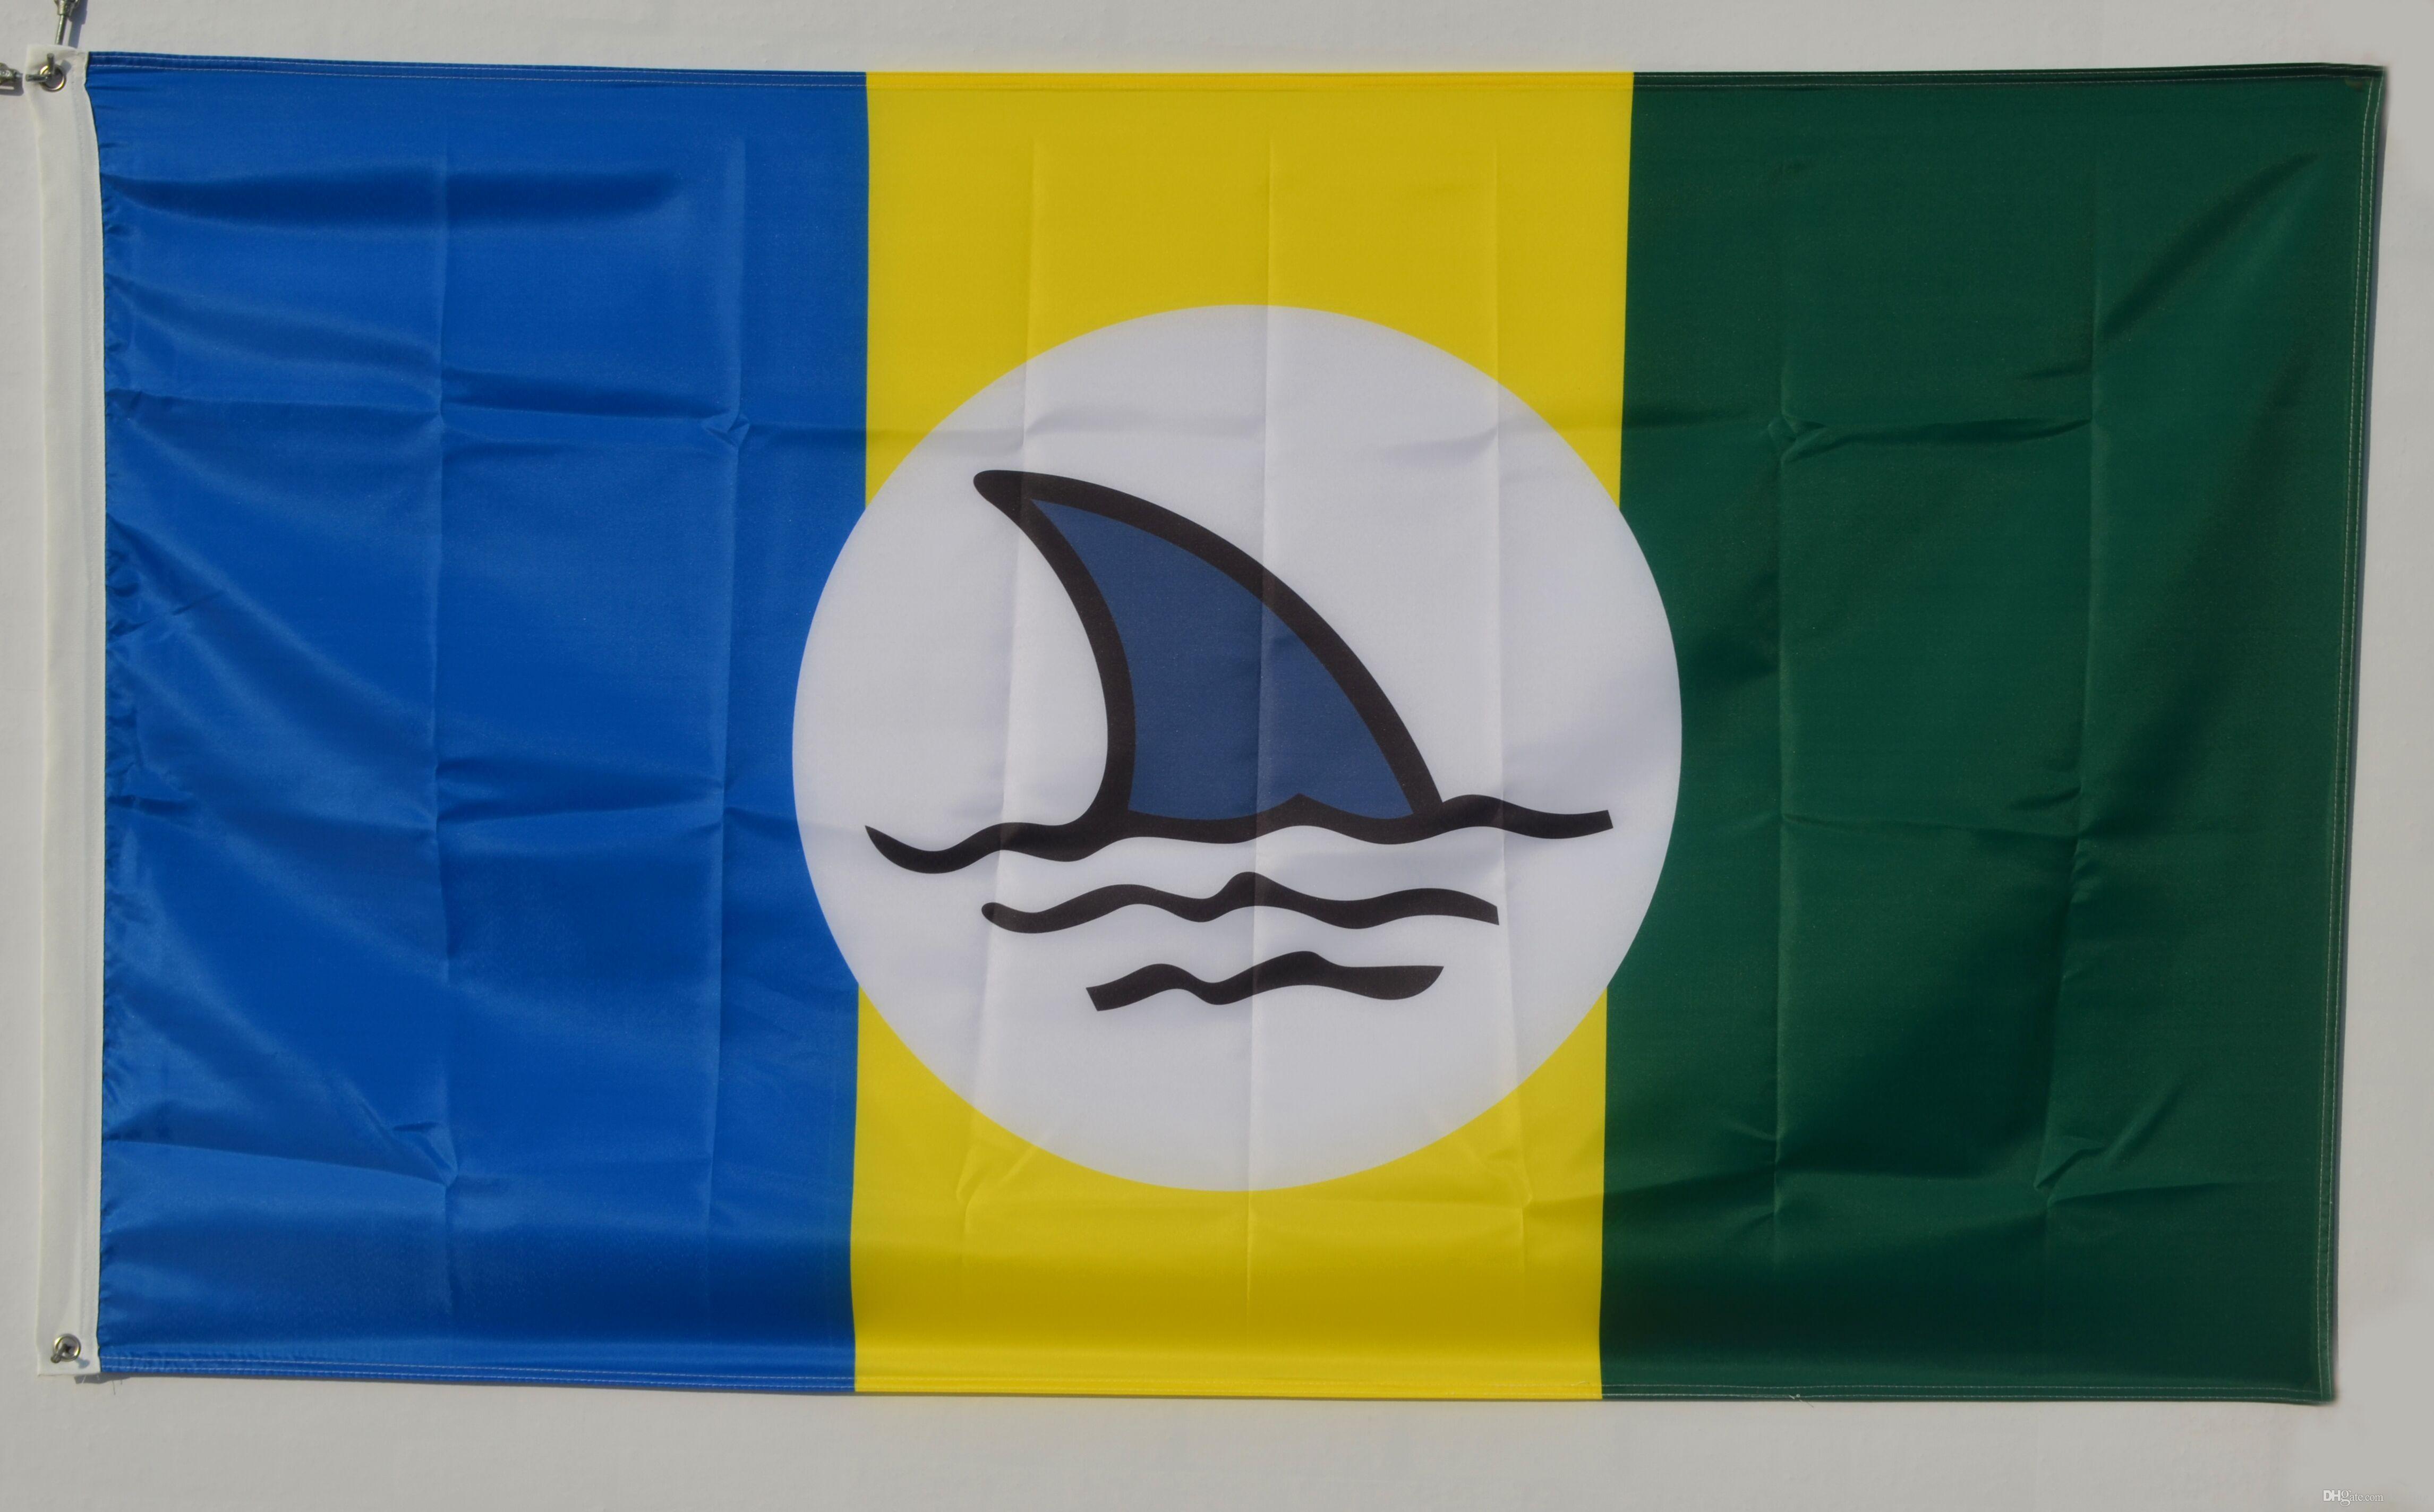 2019 JIMMY BUFFETT WEL E TO FINLAND FLAG Landshark Margaritaville Fins Up Boat Banner From Kc flag $4 23